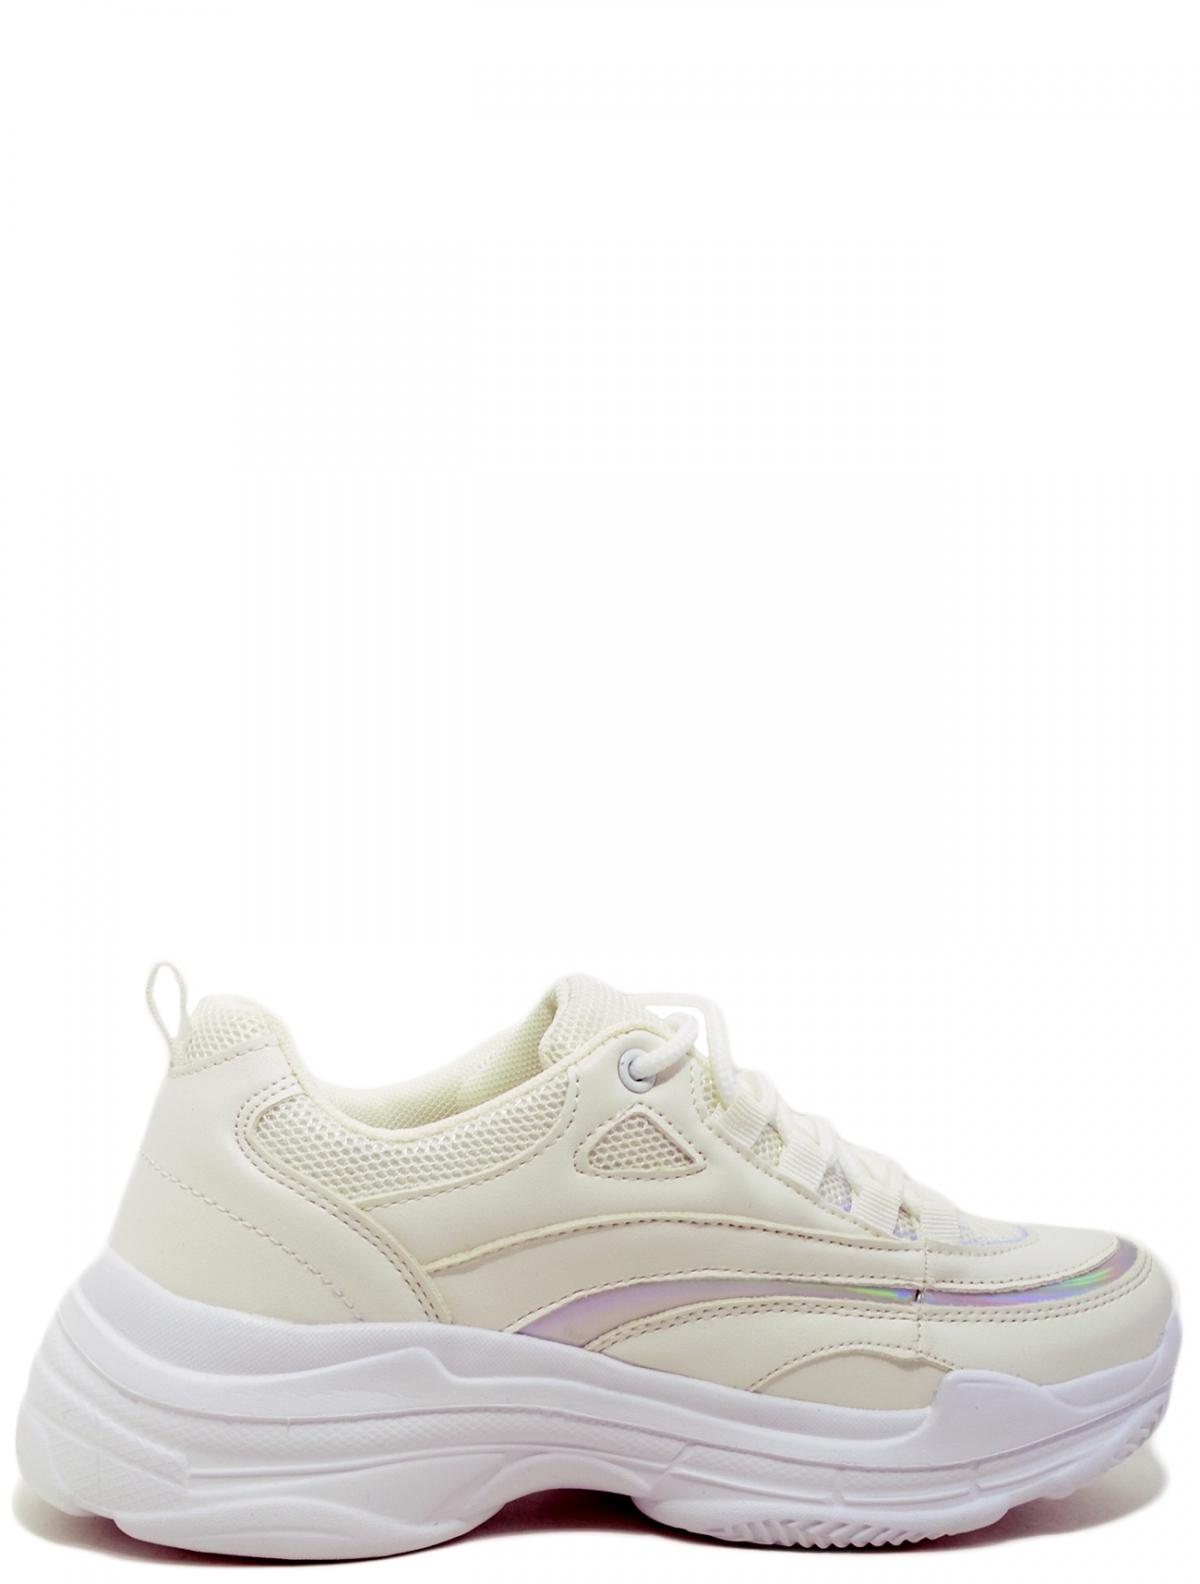 Trien JSZ-19007 женские кроссовки